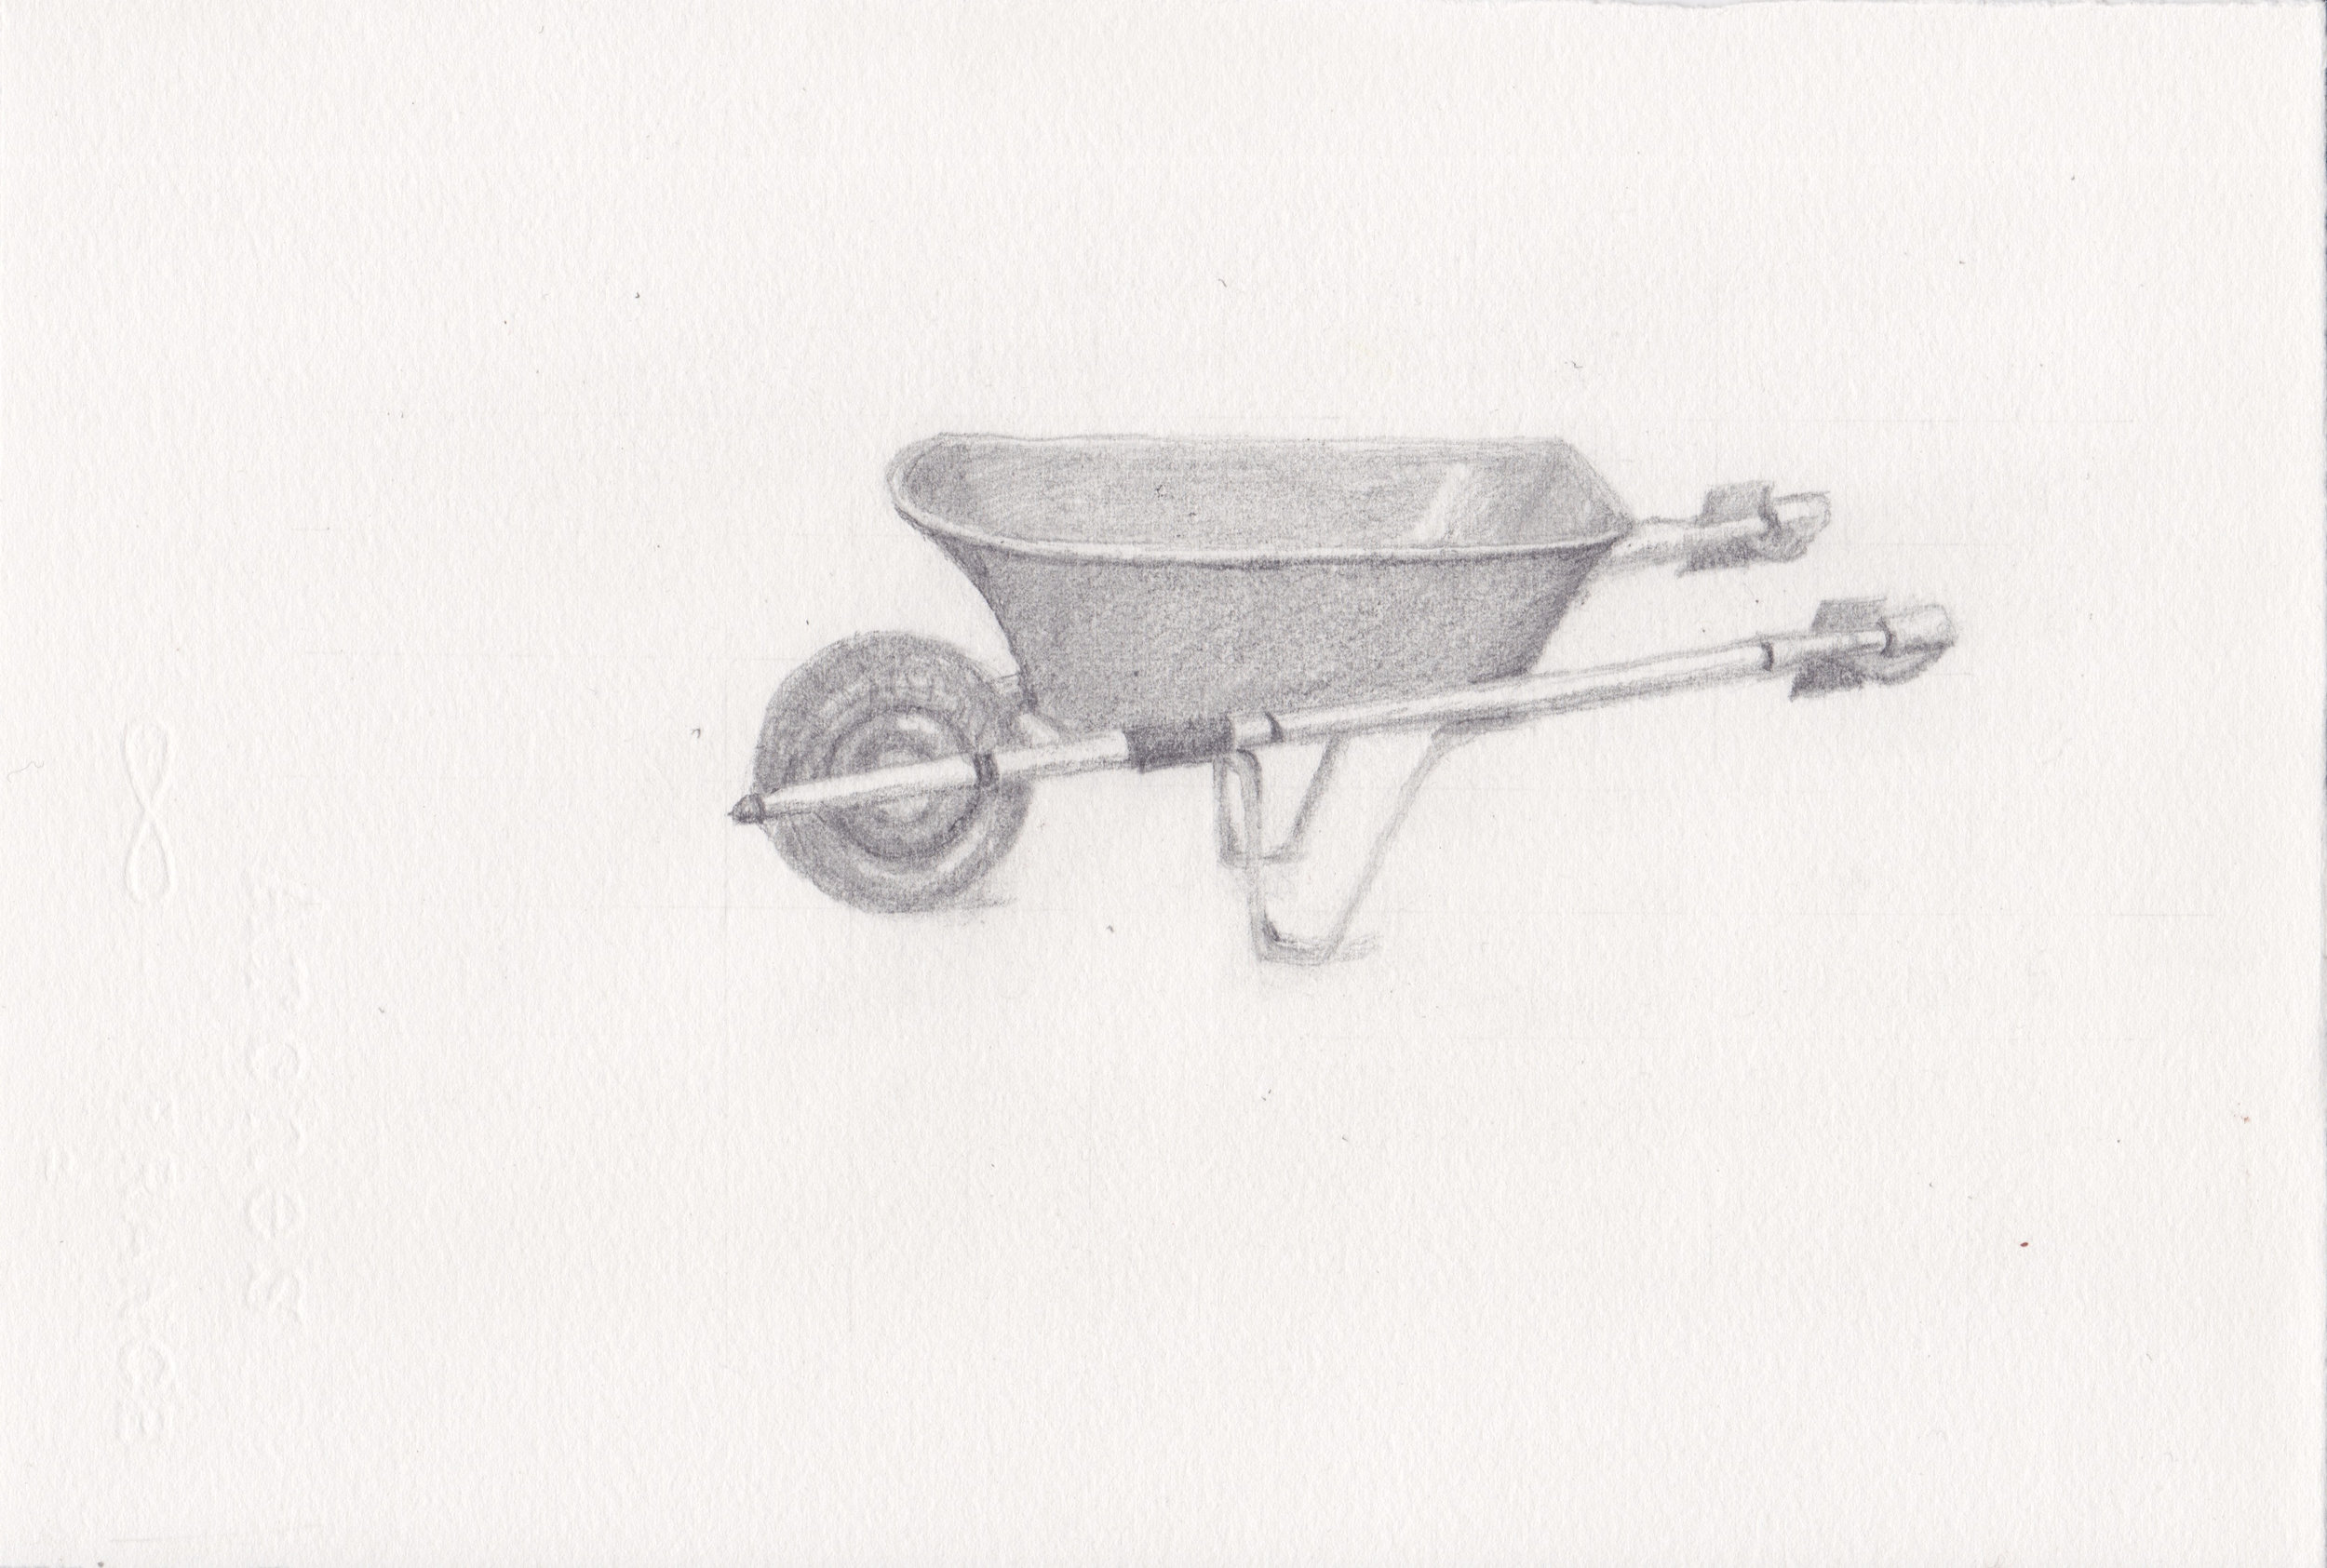 wheelbarrowmissile.jpeg